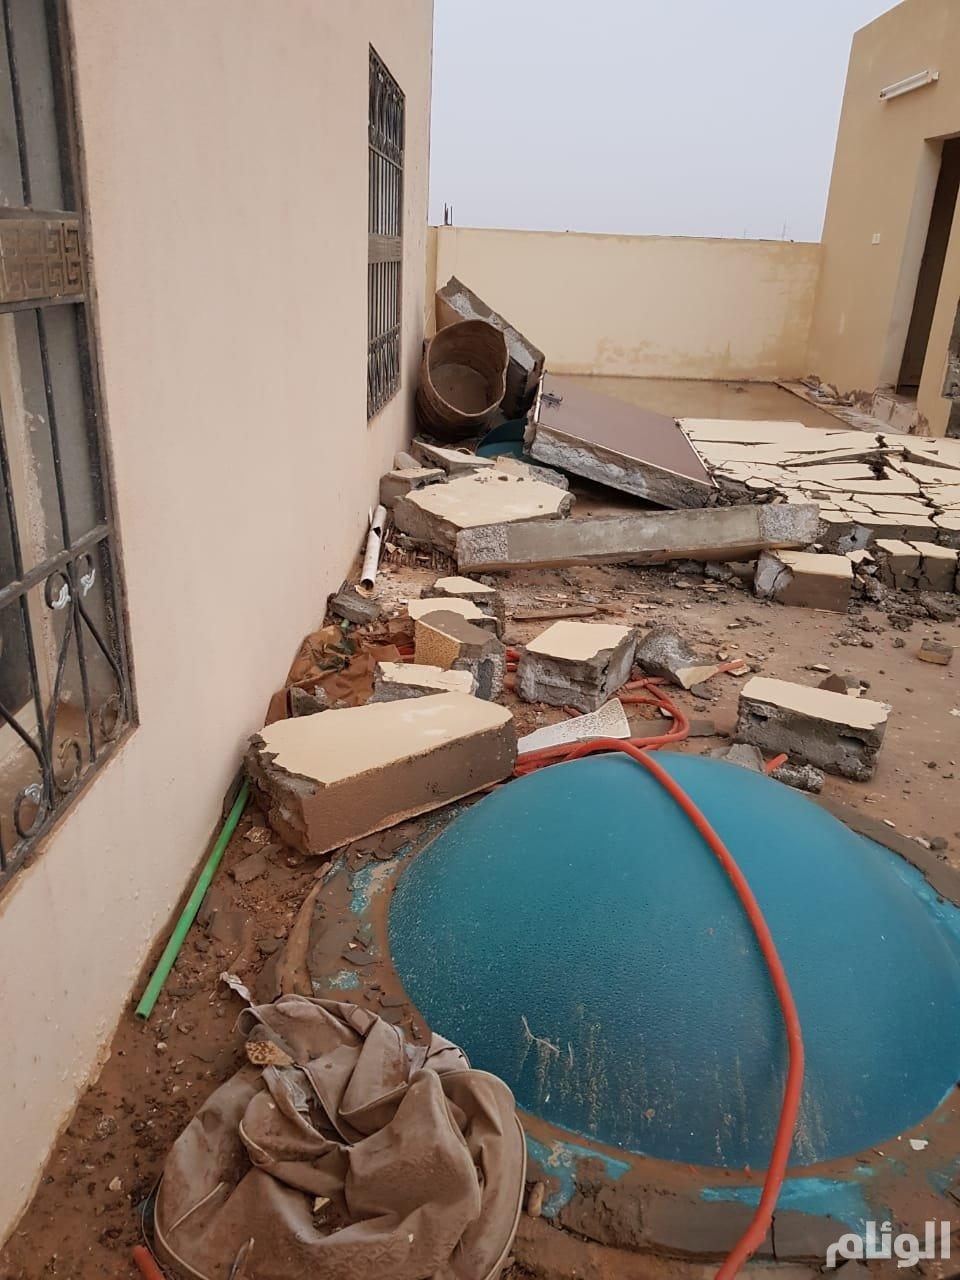 بالصور .. أمطار مصحوبة برياحٍ شديدة تحطم منزلا في الأفلاج وتقتلع الخيام